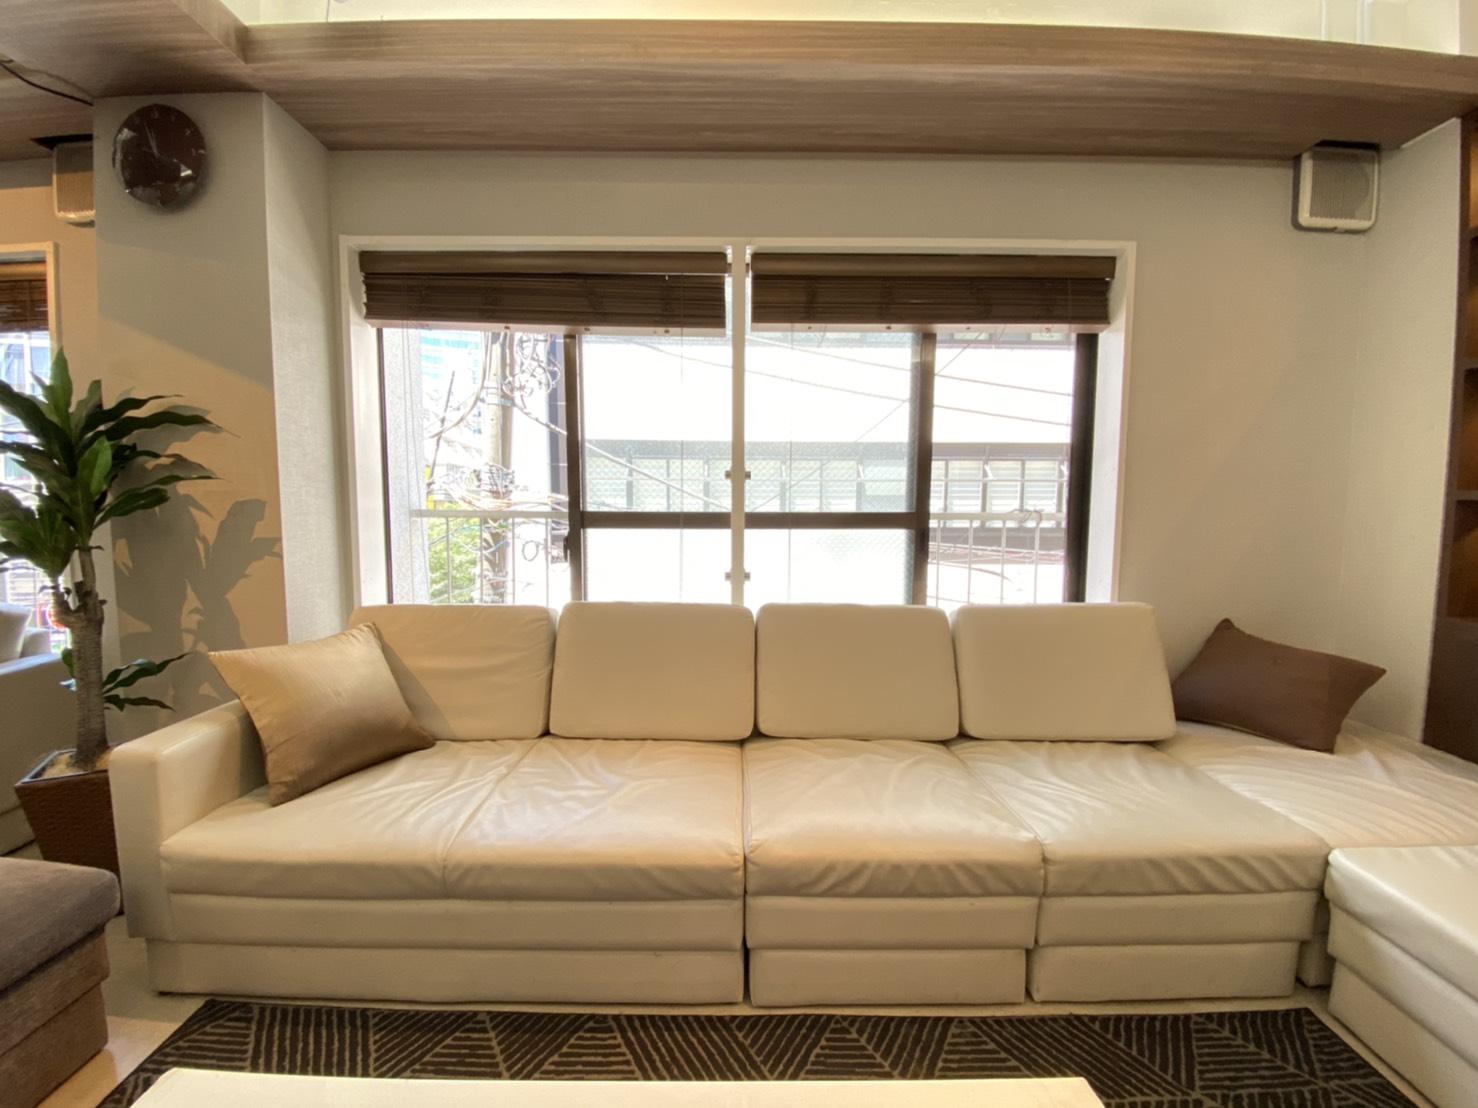 窓を開けて換気可能 - Lounge-R-Premium 【パーティー会議】Premiumの室内の写真